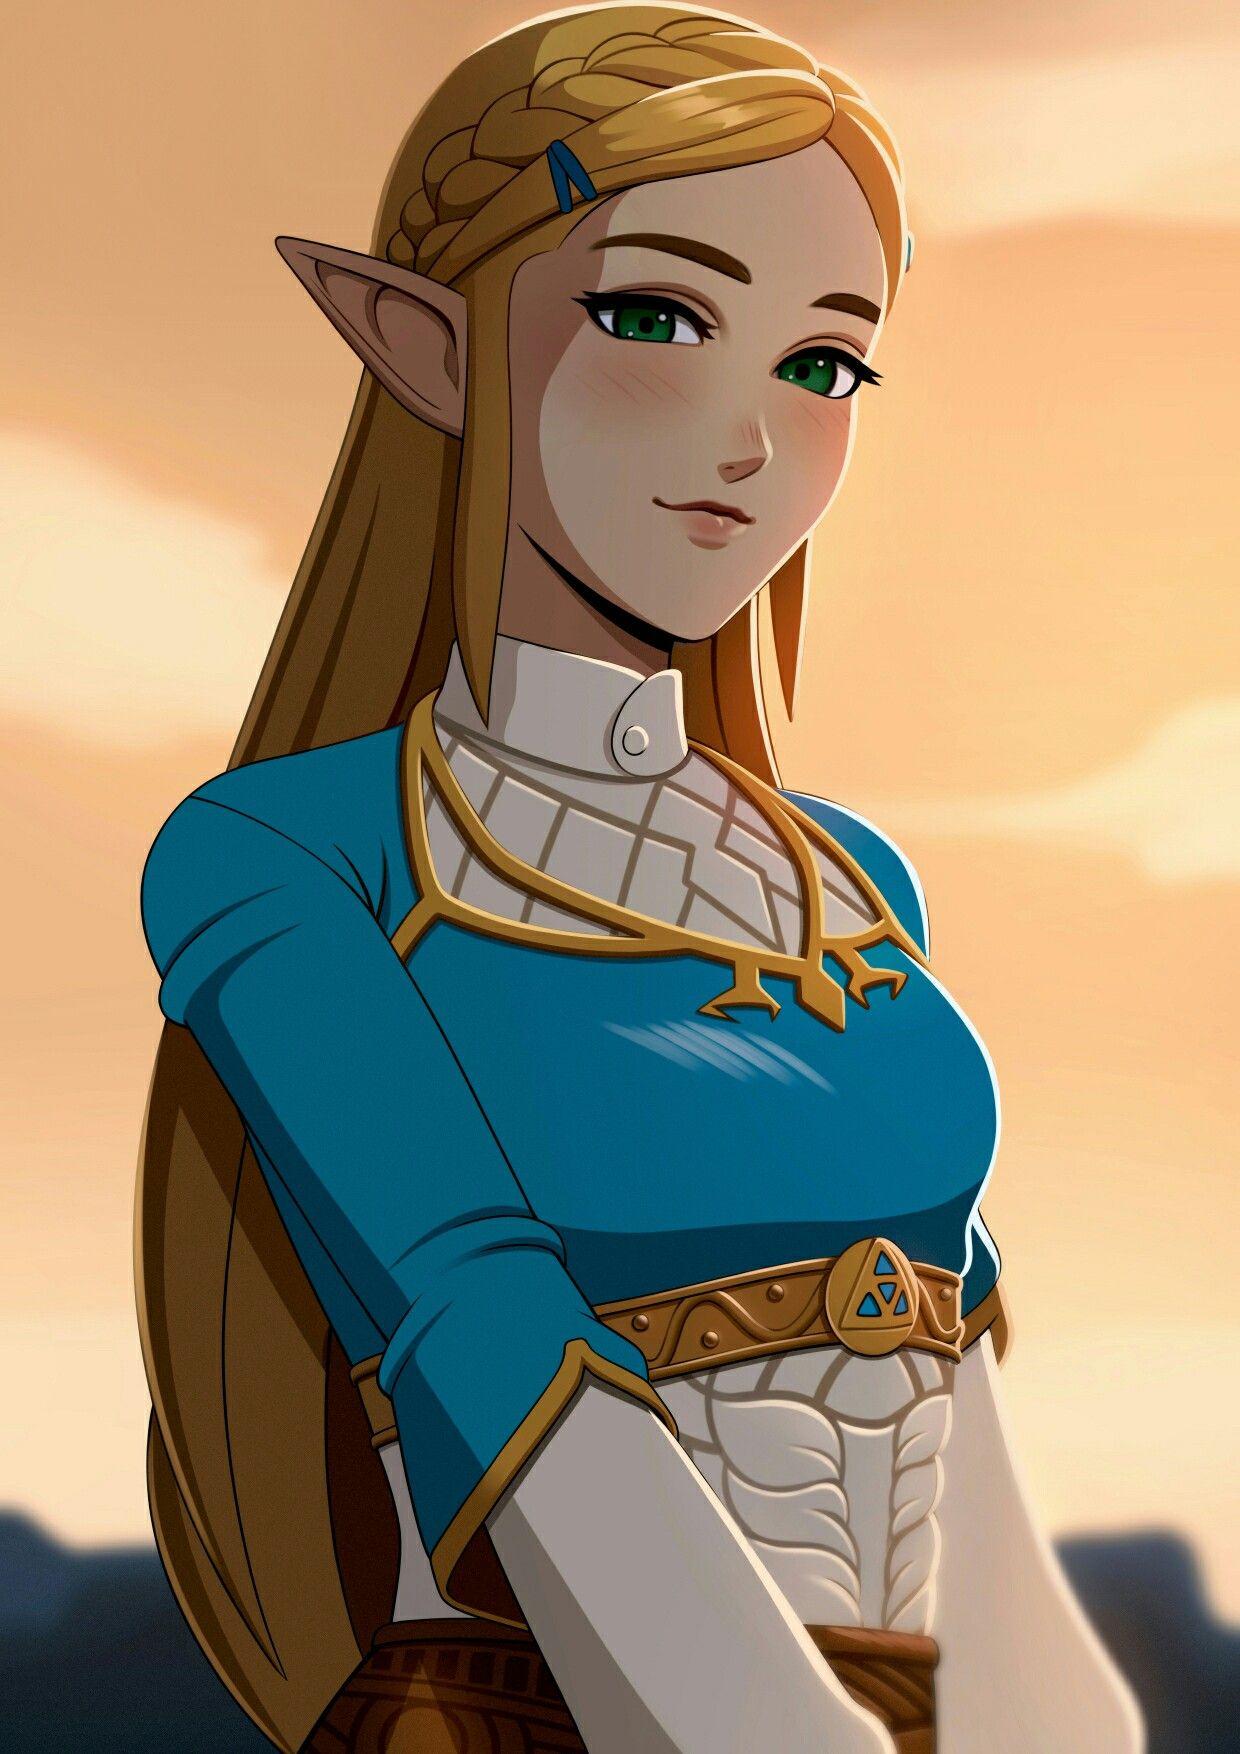 Legend Of Zelda Breath Of The Wild Art Princess Zelda Zelda Art Legend Of Zelda Legend Of Zelda Breath